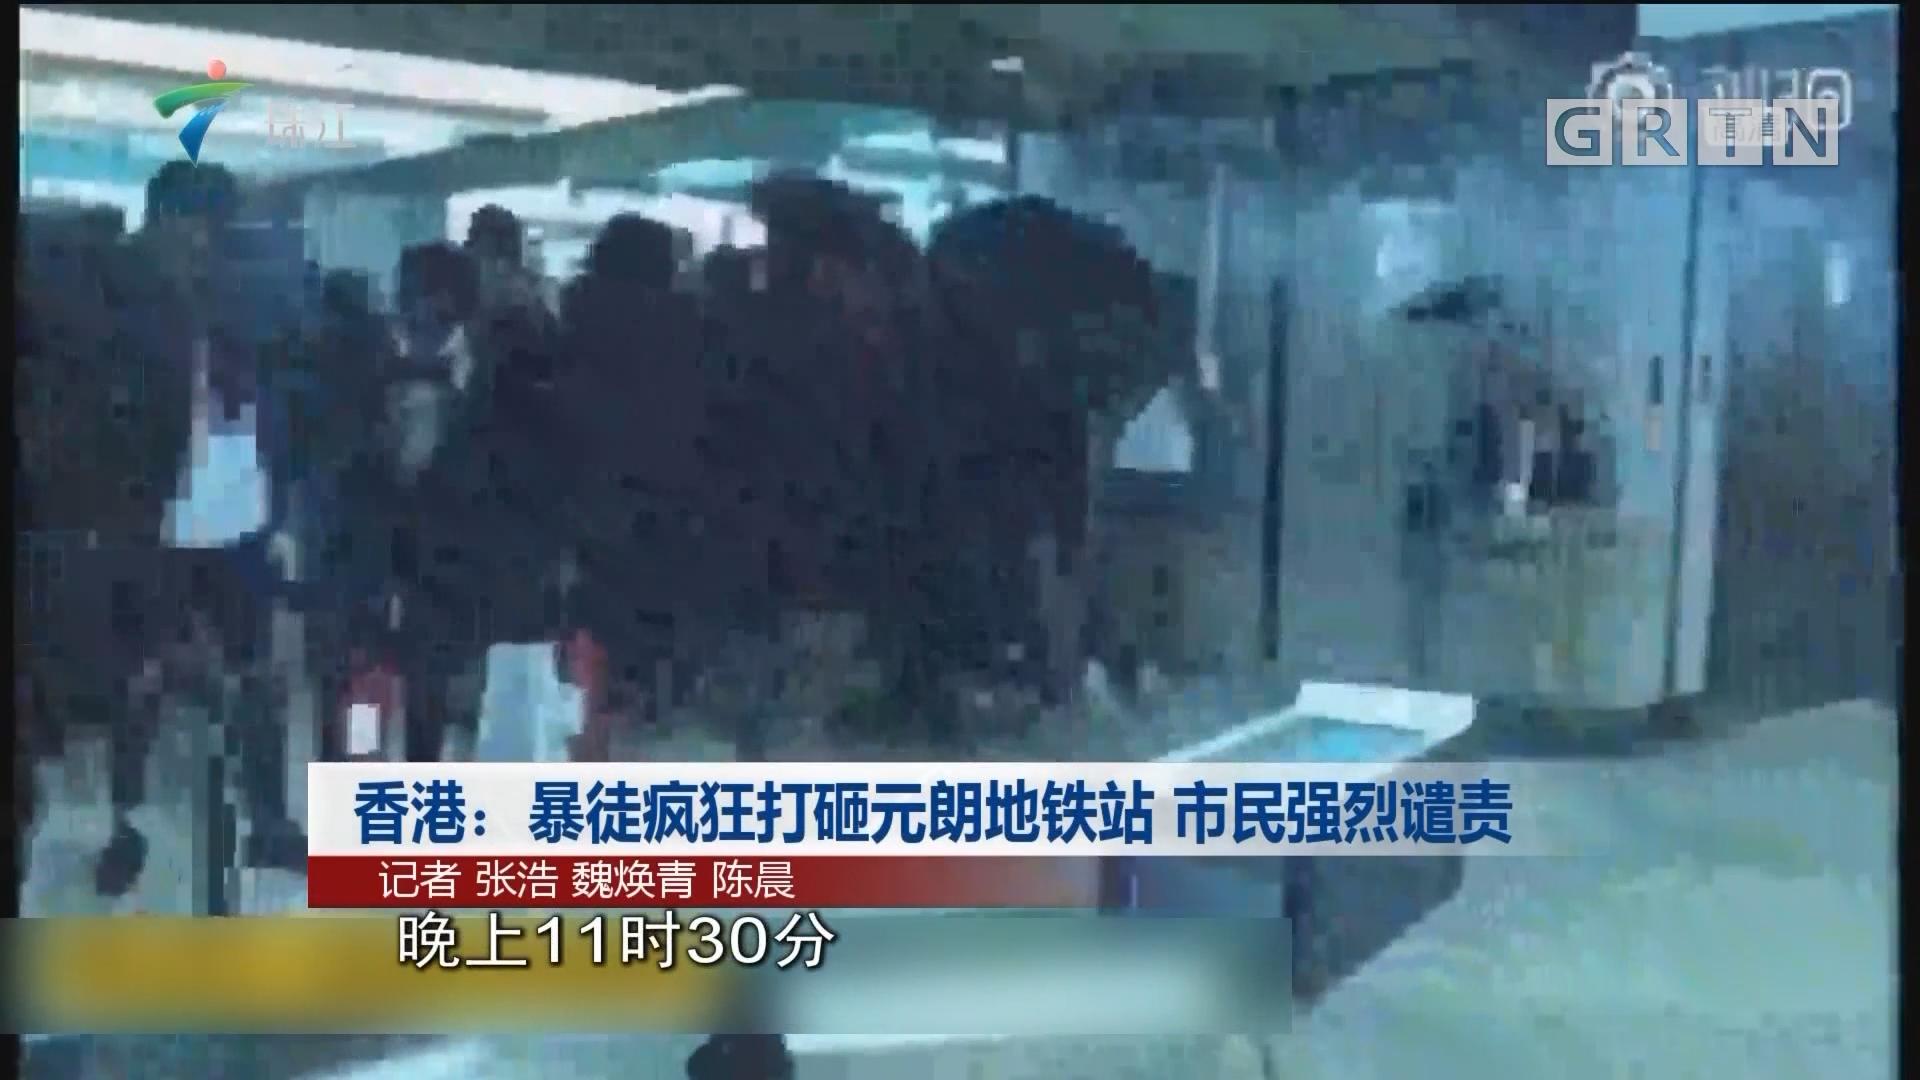 香港:暴徒疯狂打砸元朗地铁站 市民强烈谴责